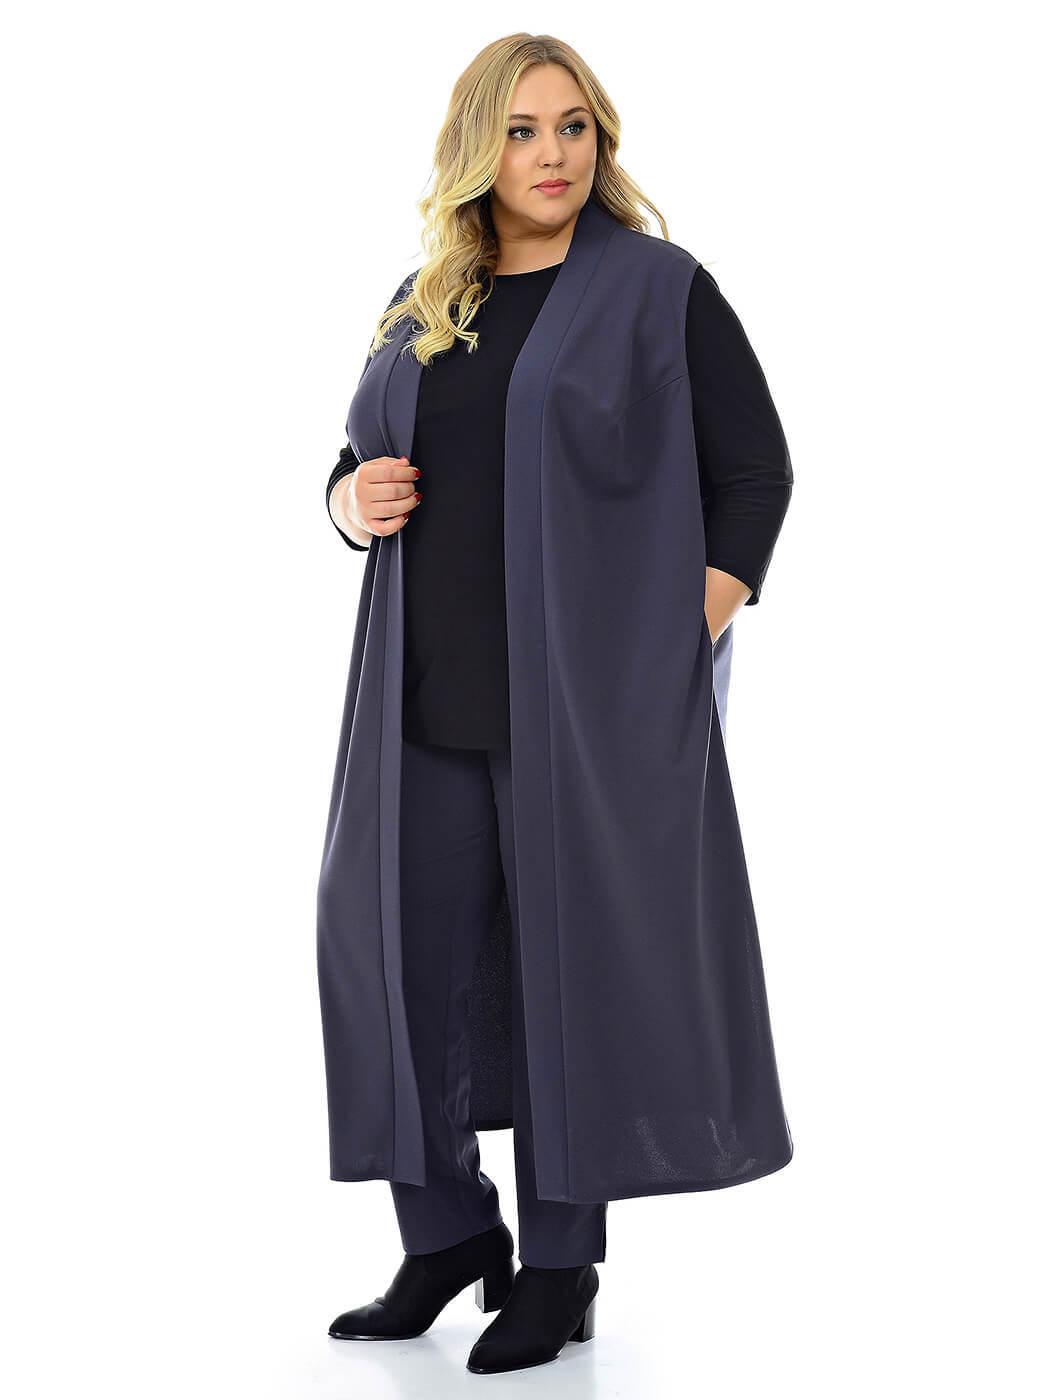 Длинный серый женский жилет 76 размера